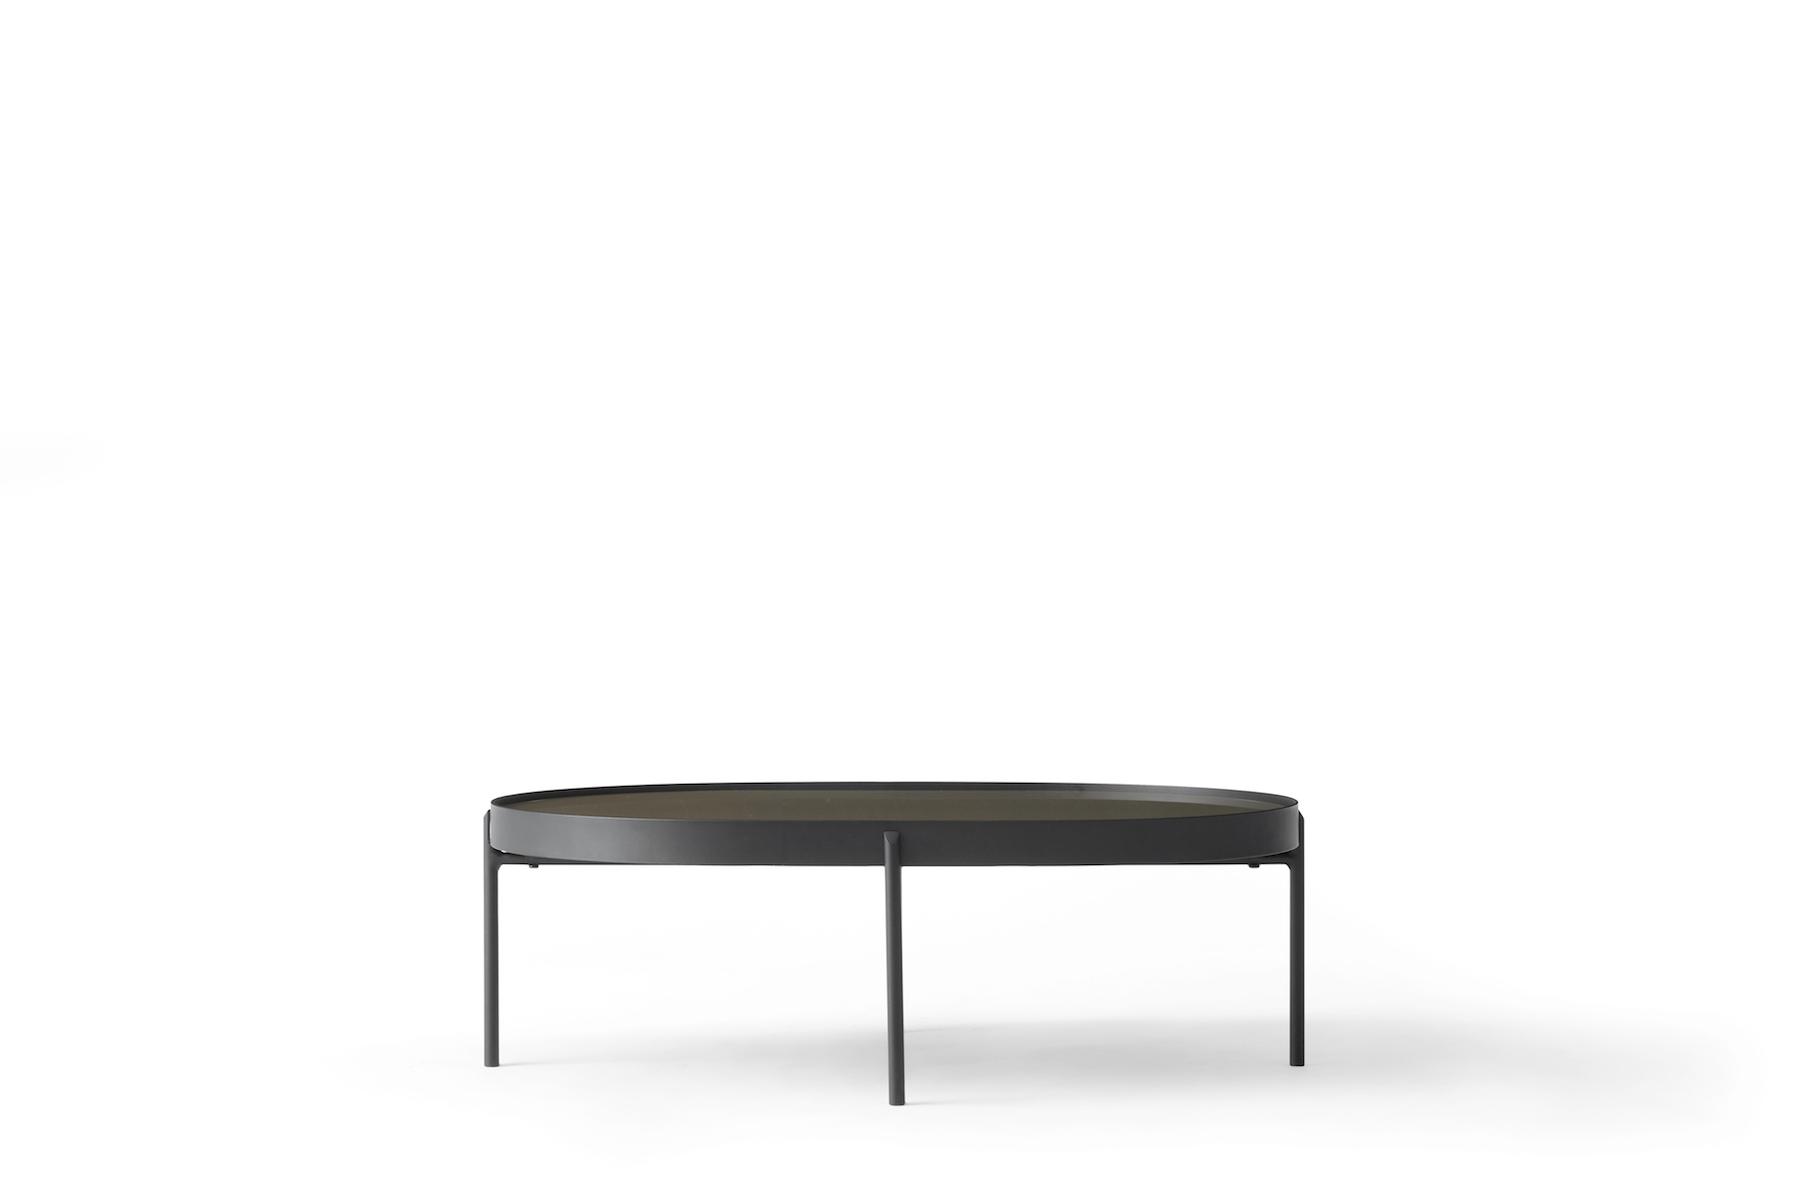 NoNo Table by Note Design Studio & Norm Architects